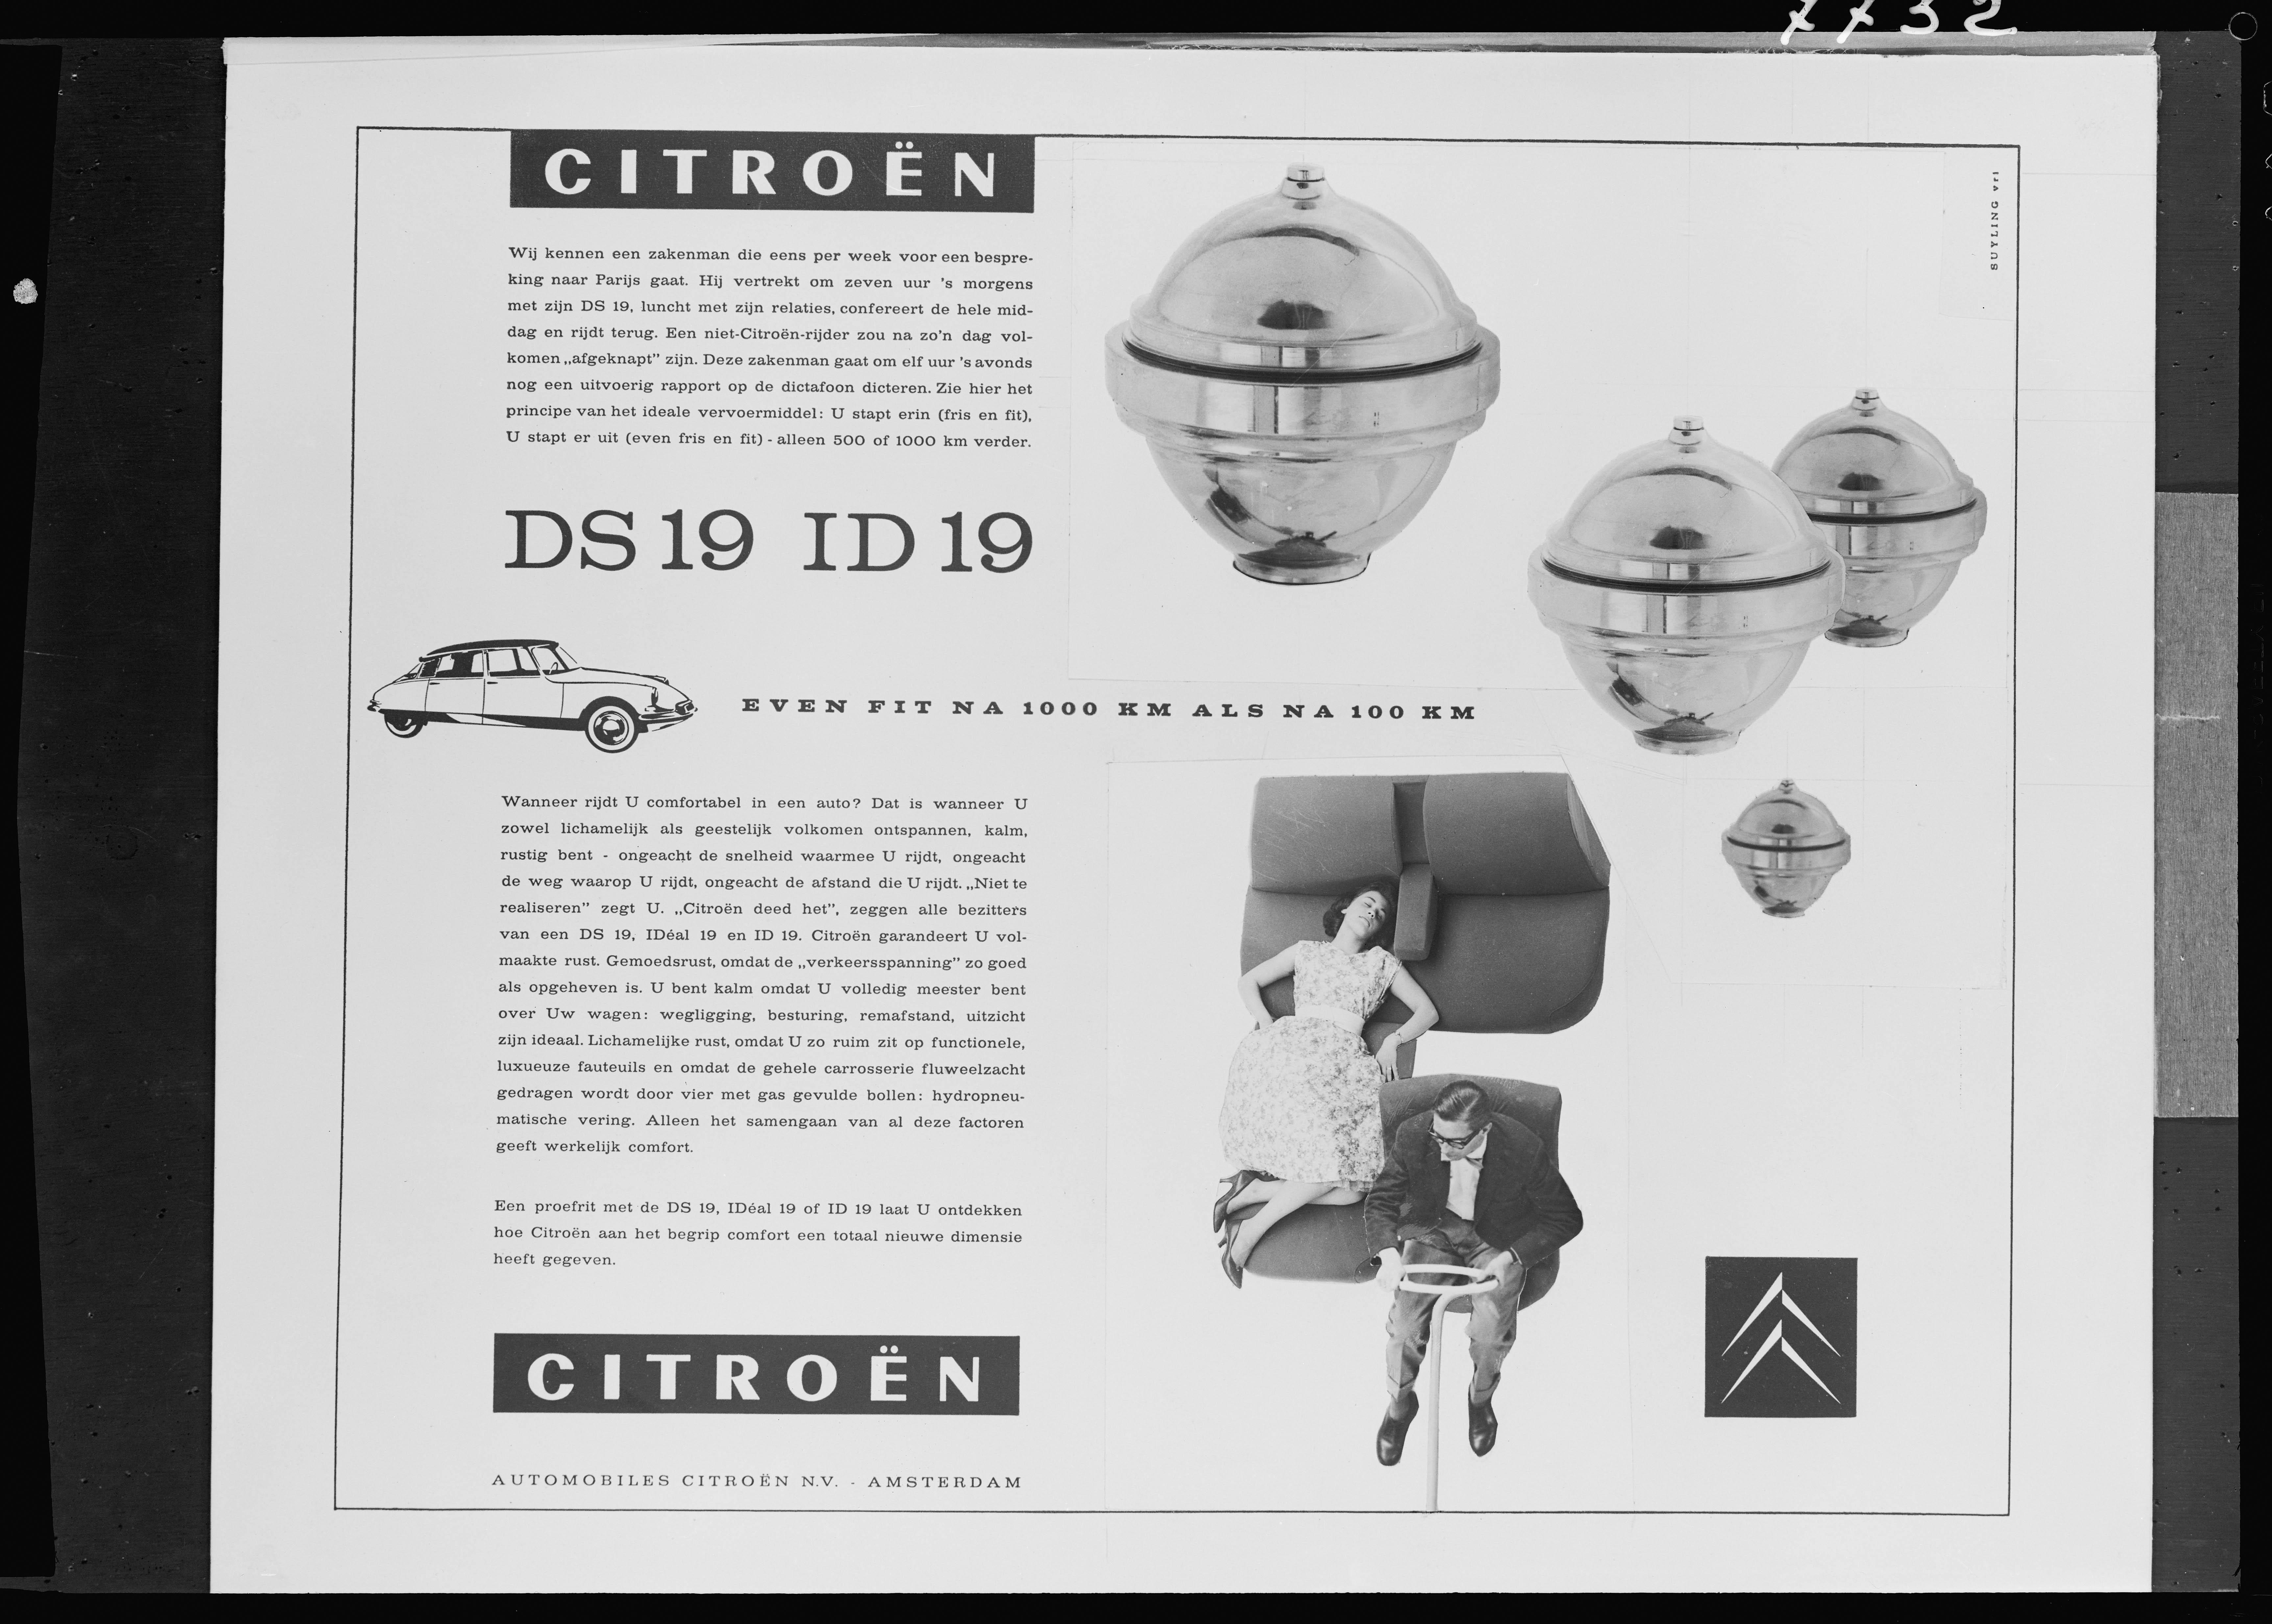 DS 19のオランダの広告  - 1959年